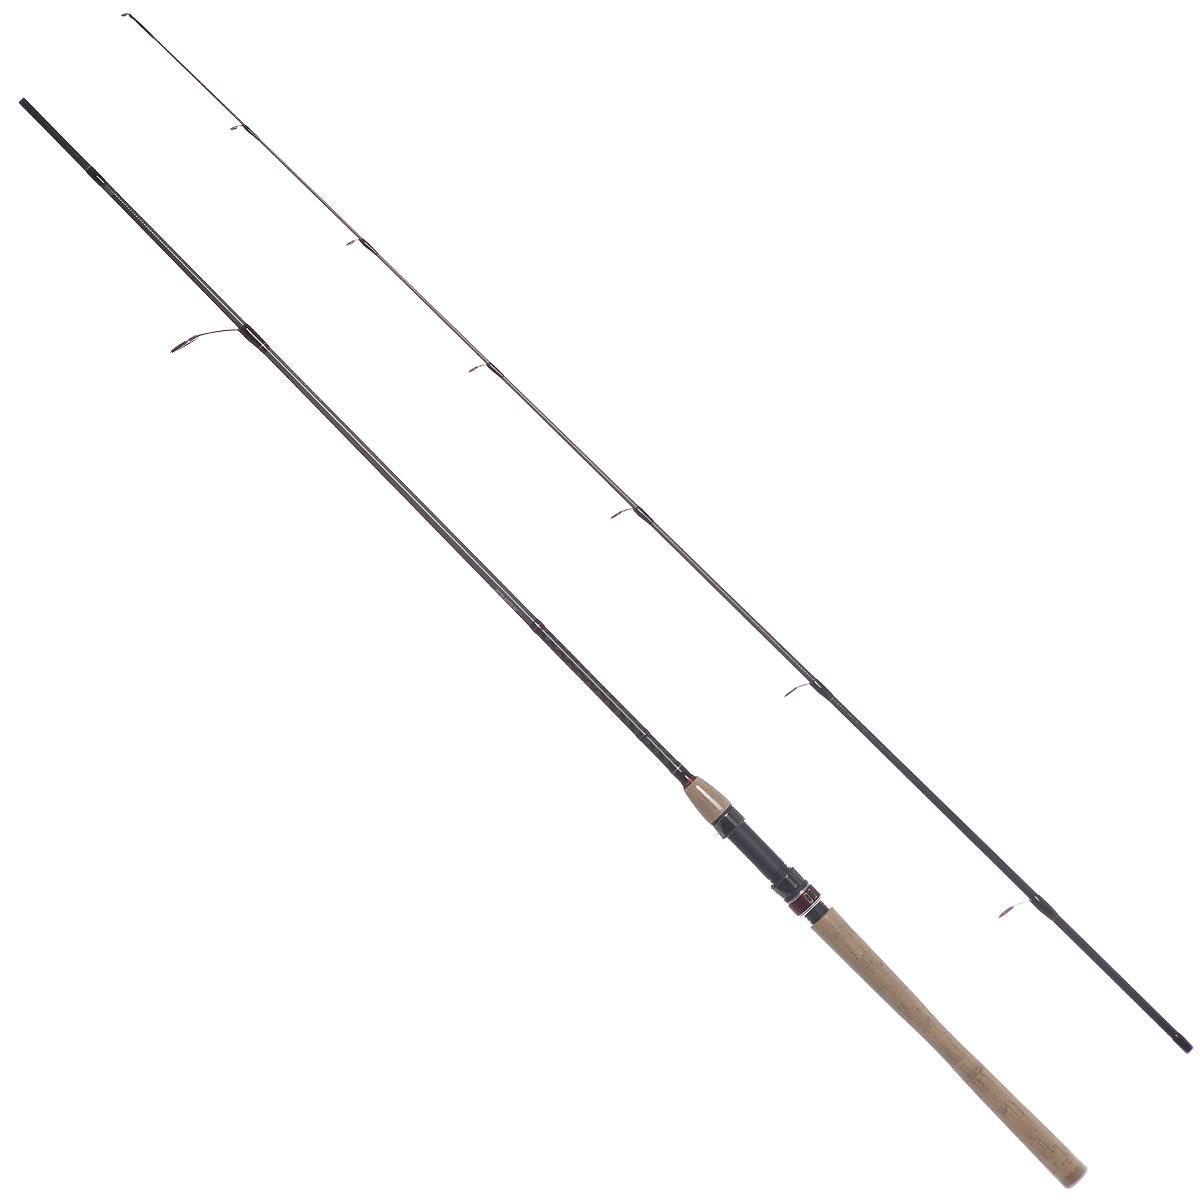 Спиннинг штекерный Daiwa Procaster Spinning, 2,10 м, 10-30 г спиннинг штекерный swd wisdom 1 8 м 2 10 г